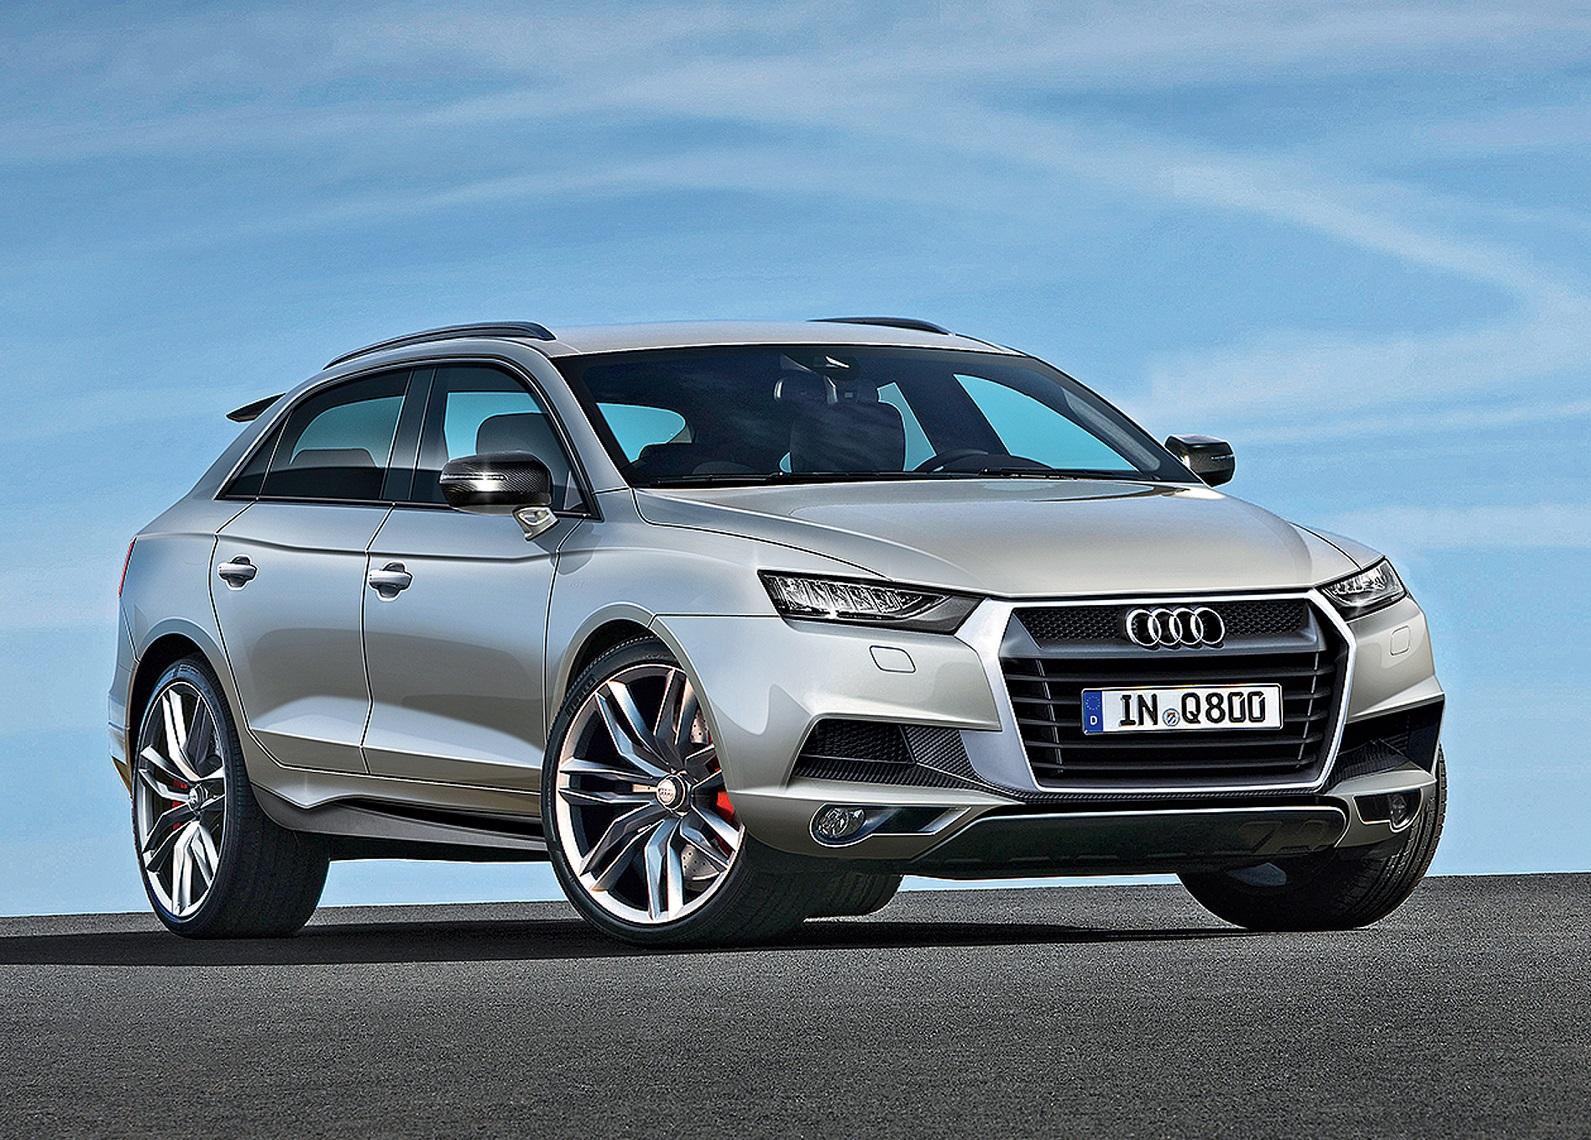 Новый внедорожгник Audi Q7 на фоне неба